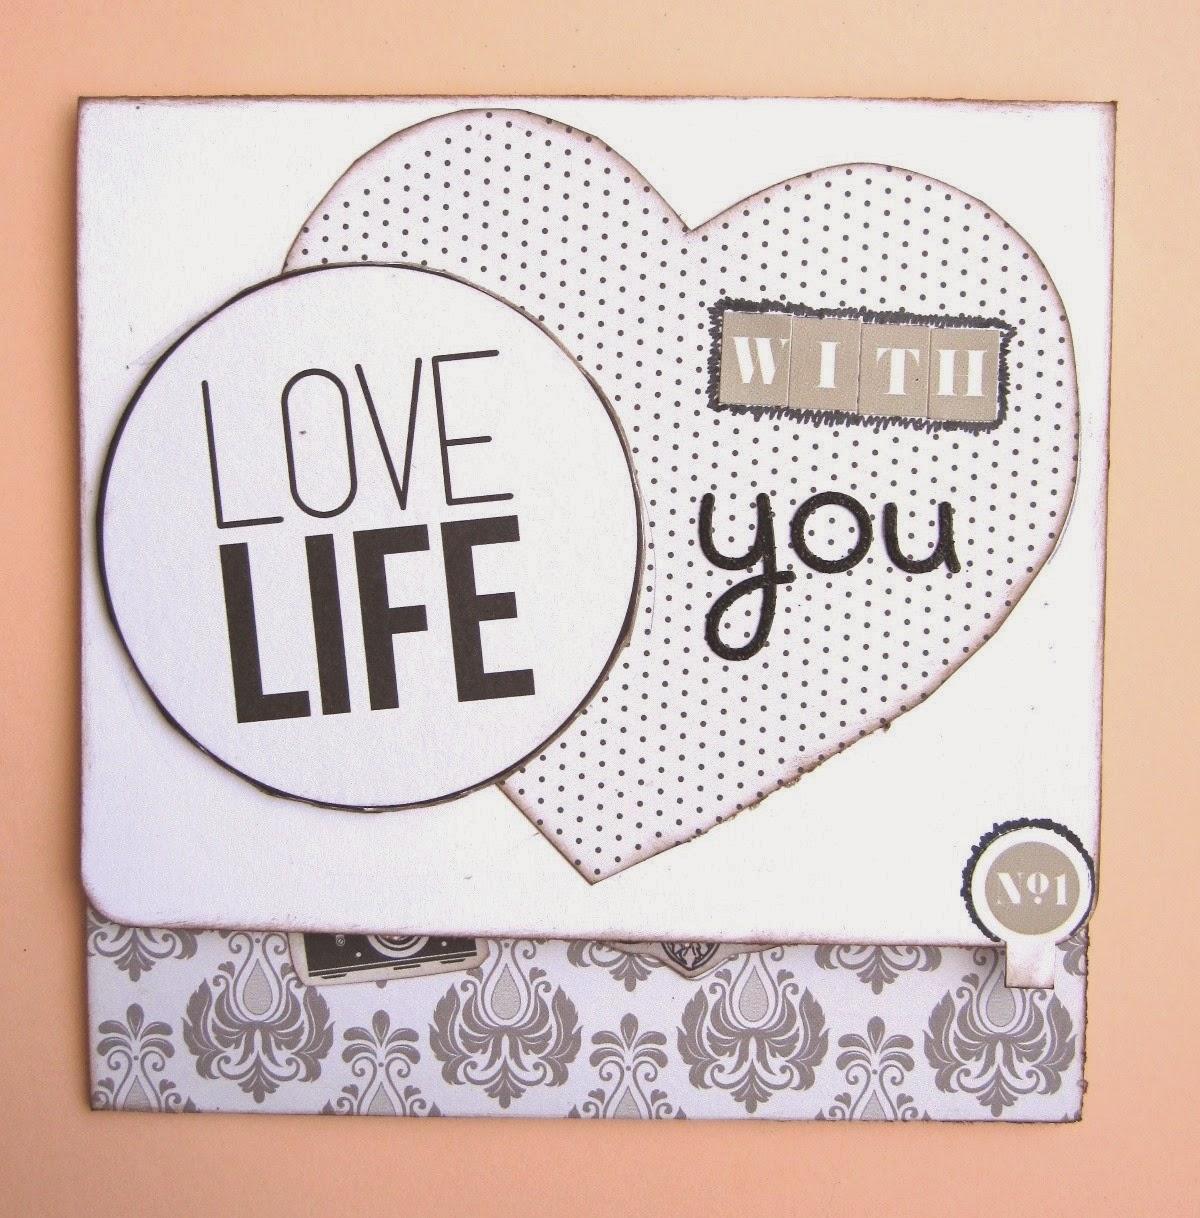 foto 7 decoración interior LOVE mini-álbum, portada tarjeta tríptico con mensaje 'Love life with you'